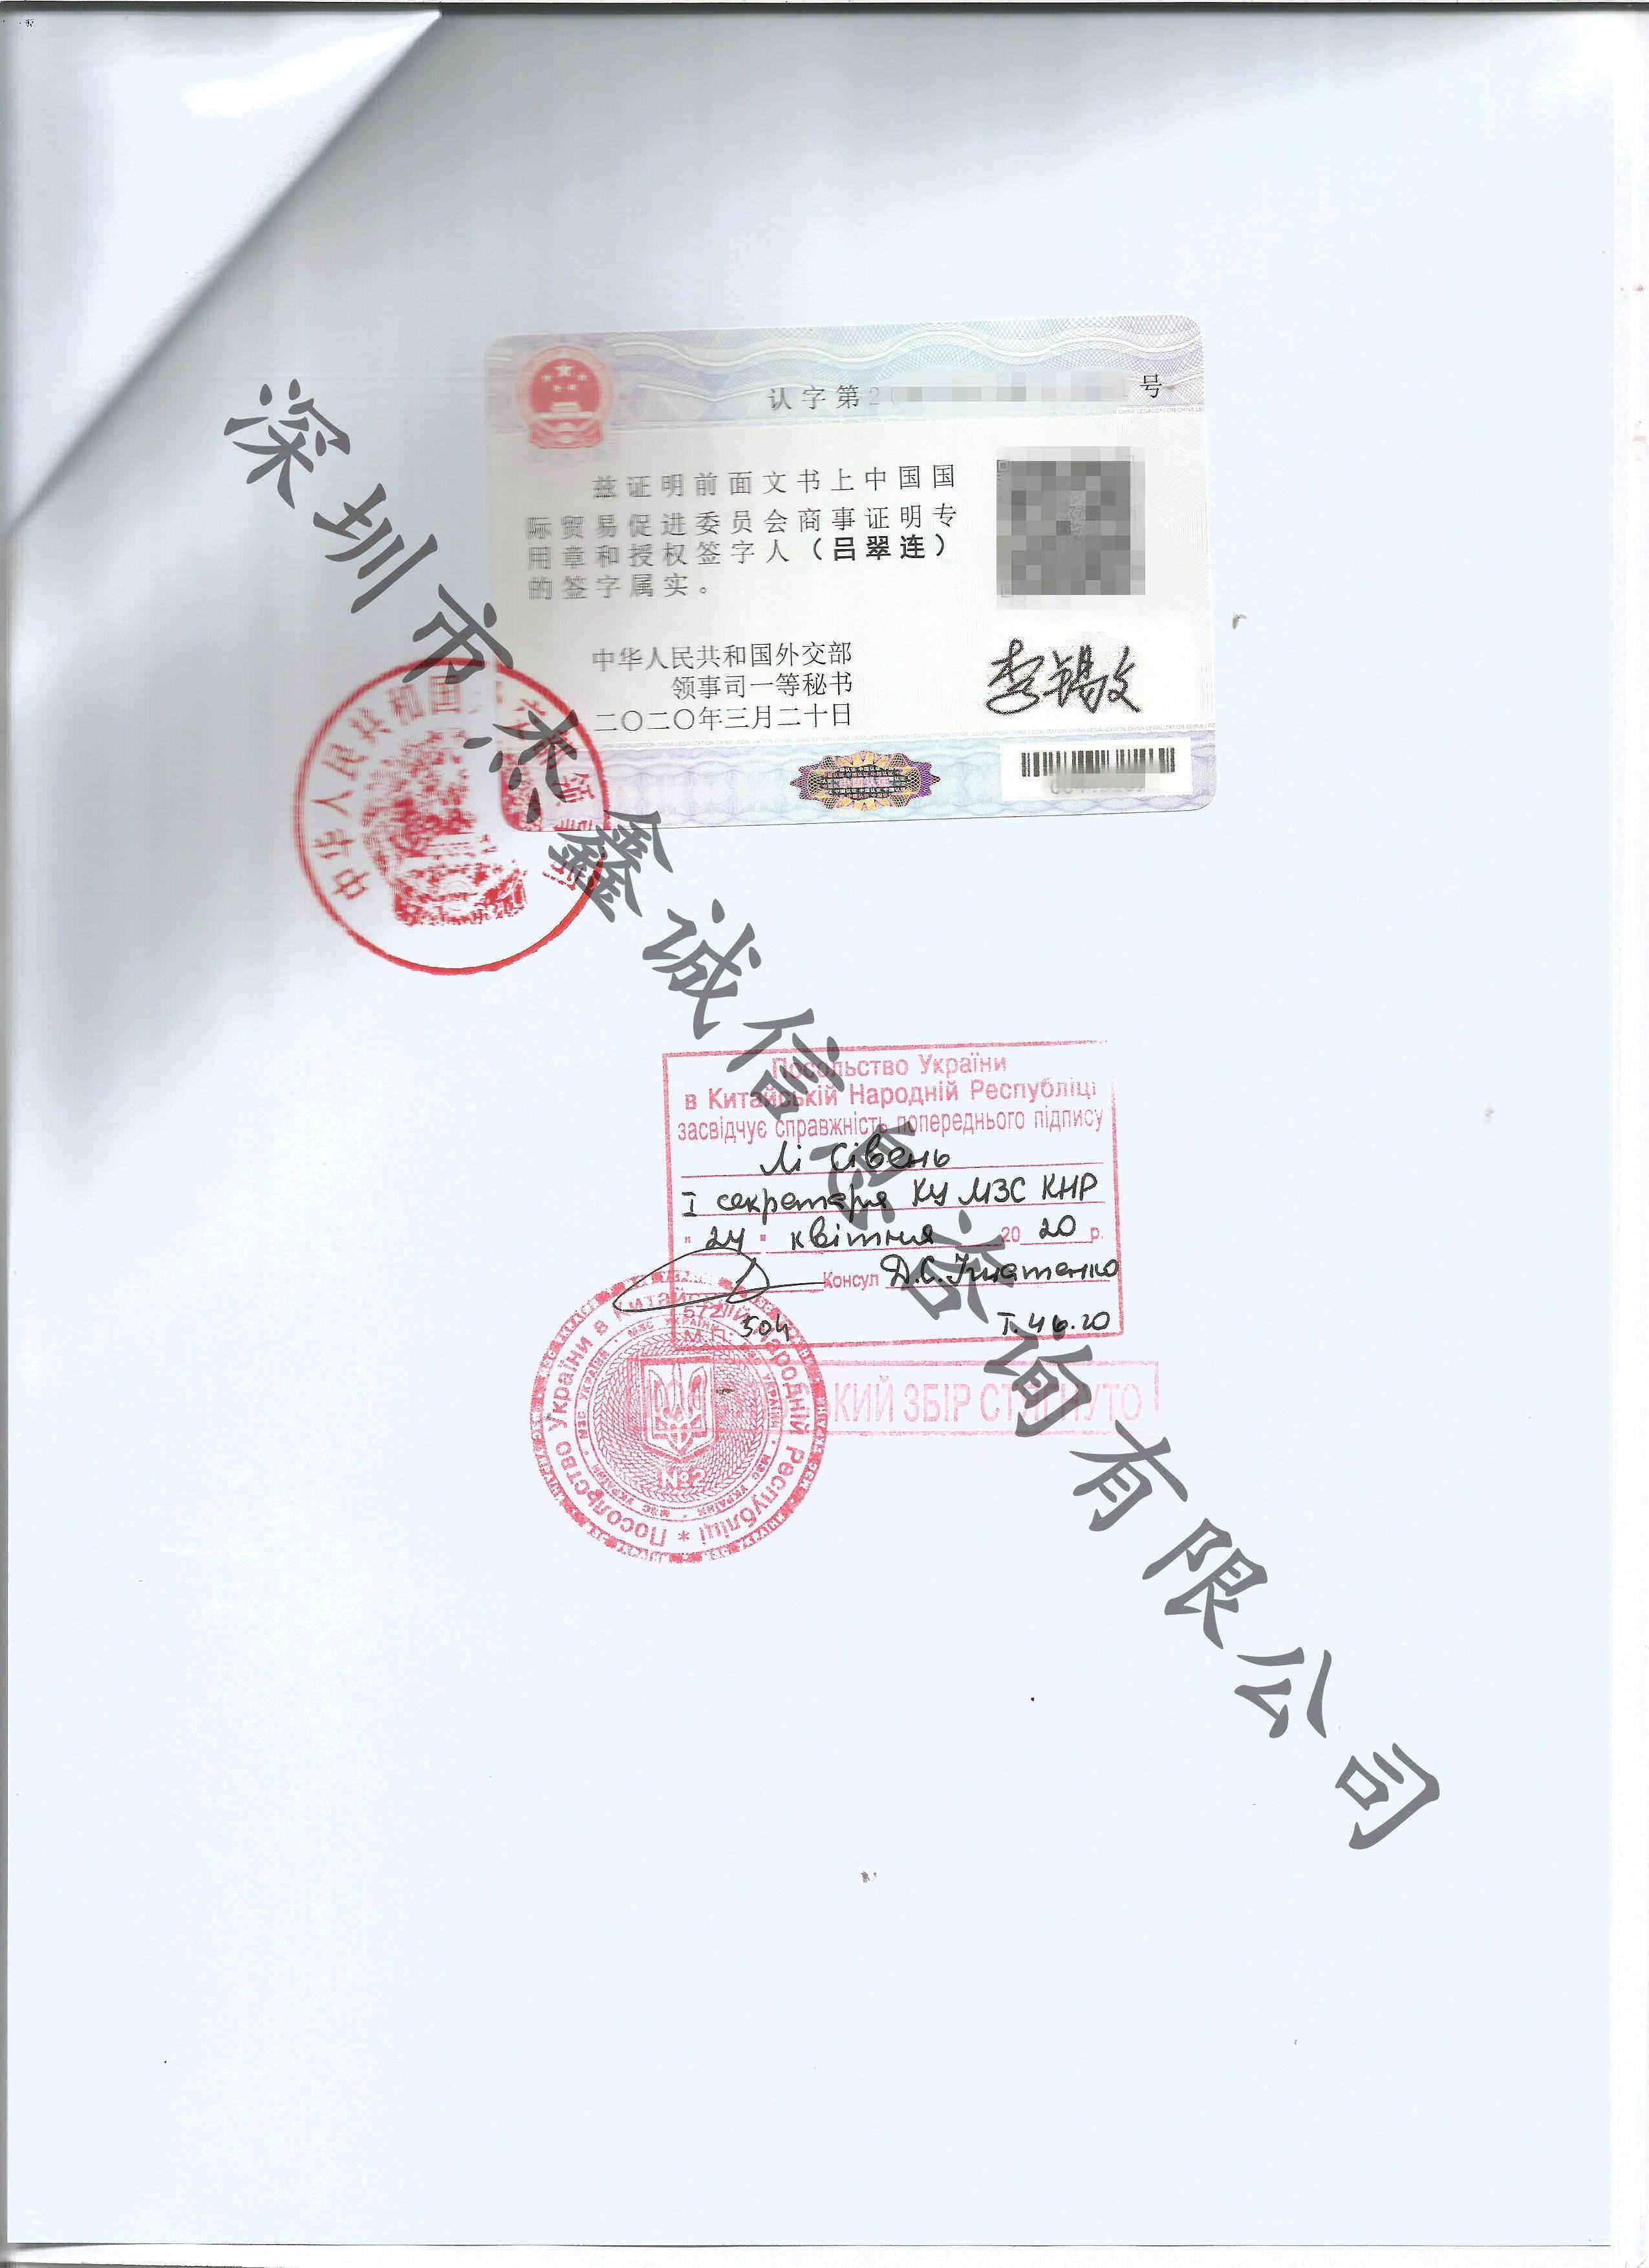 北京外交部认证电话_乌克兰领事认证加签授权书_CCPIT加签|领事馆加签|商会认证|领事 ...